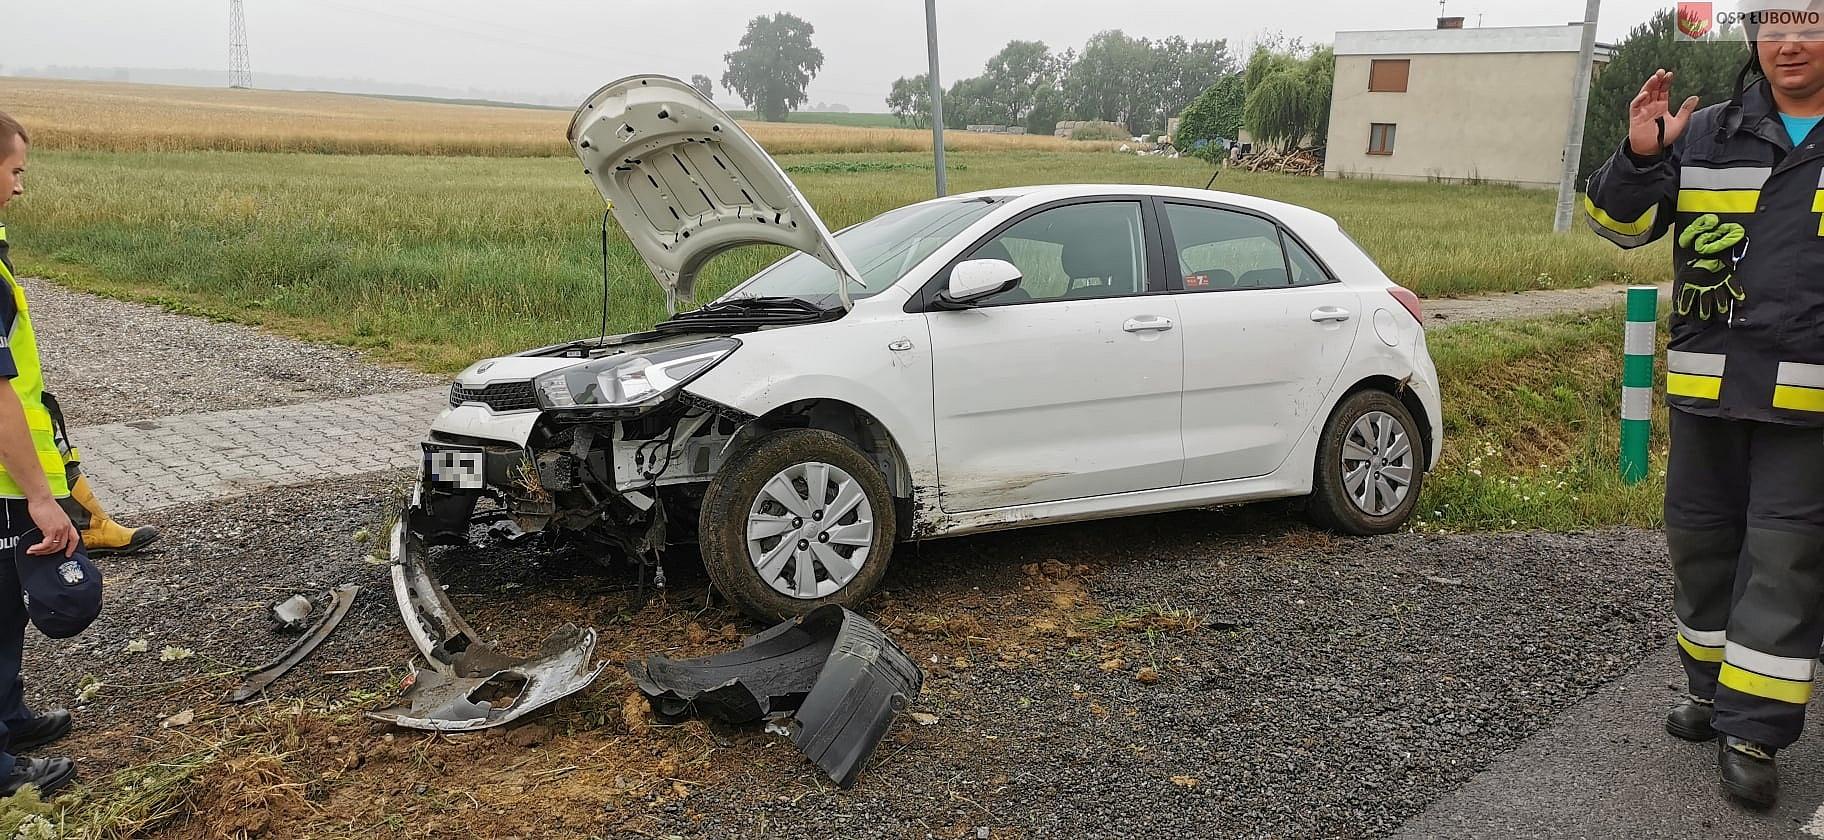 Auto wypadło z drogi i uderzyło w przepust